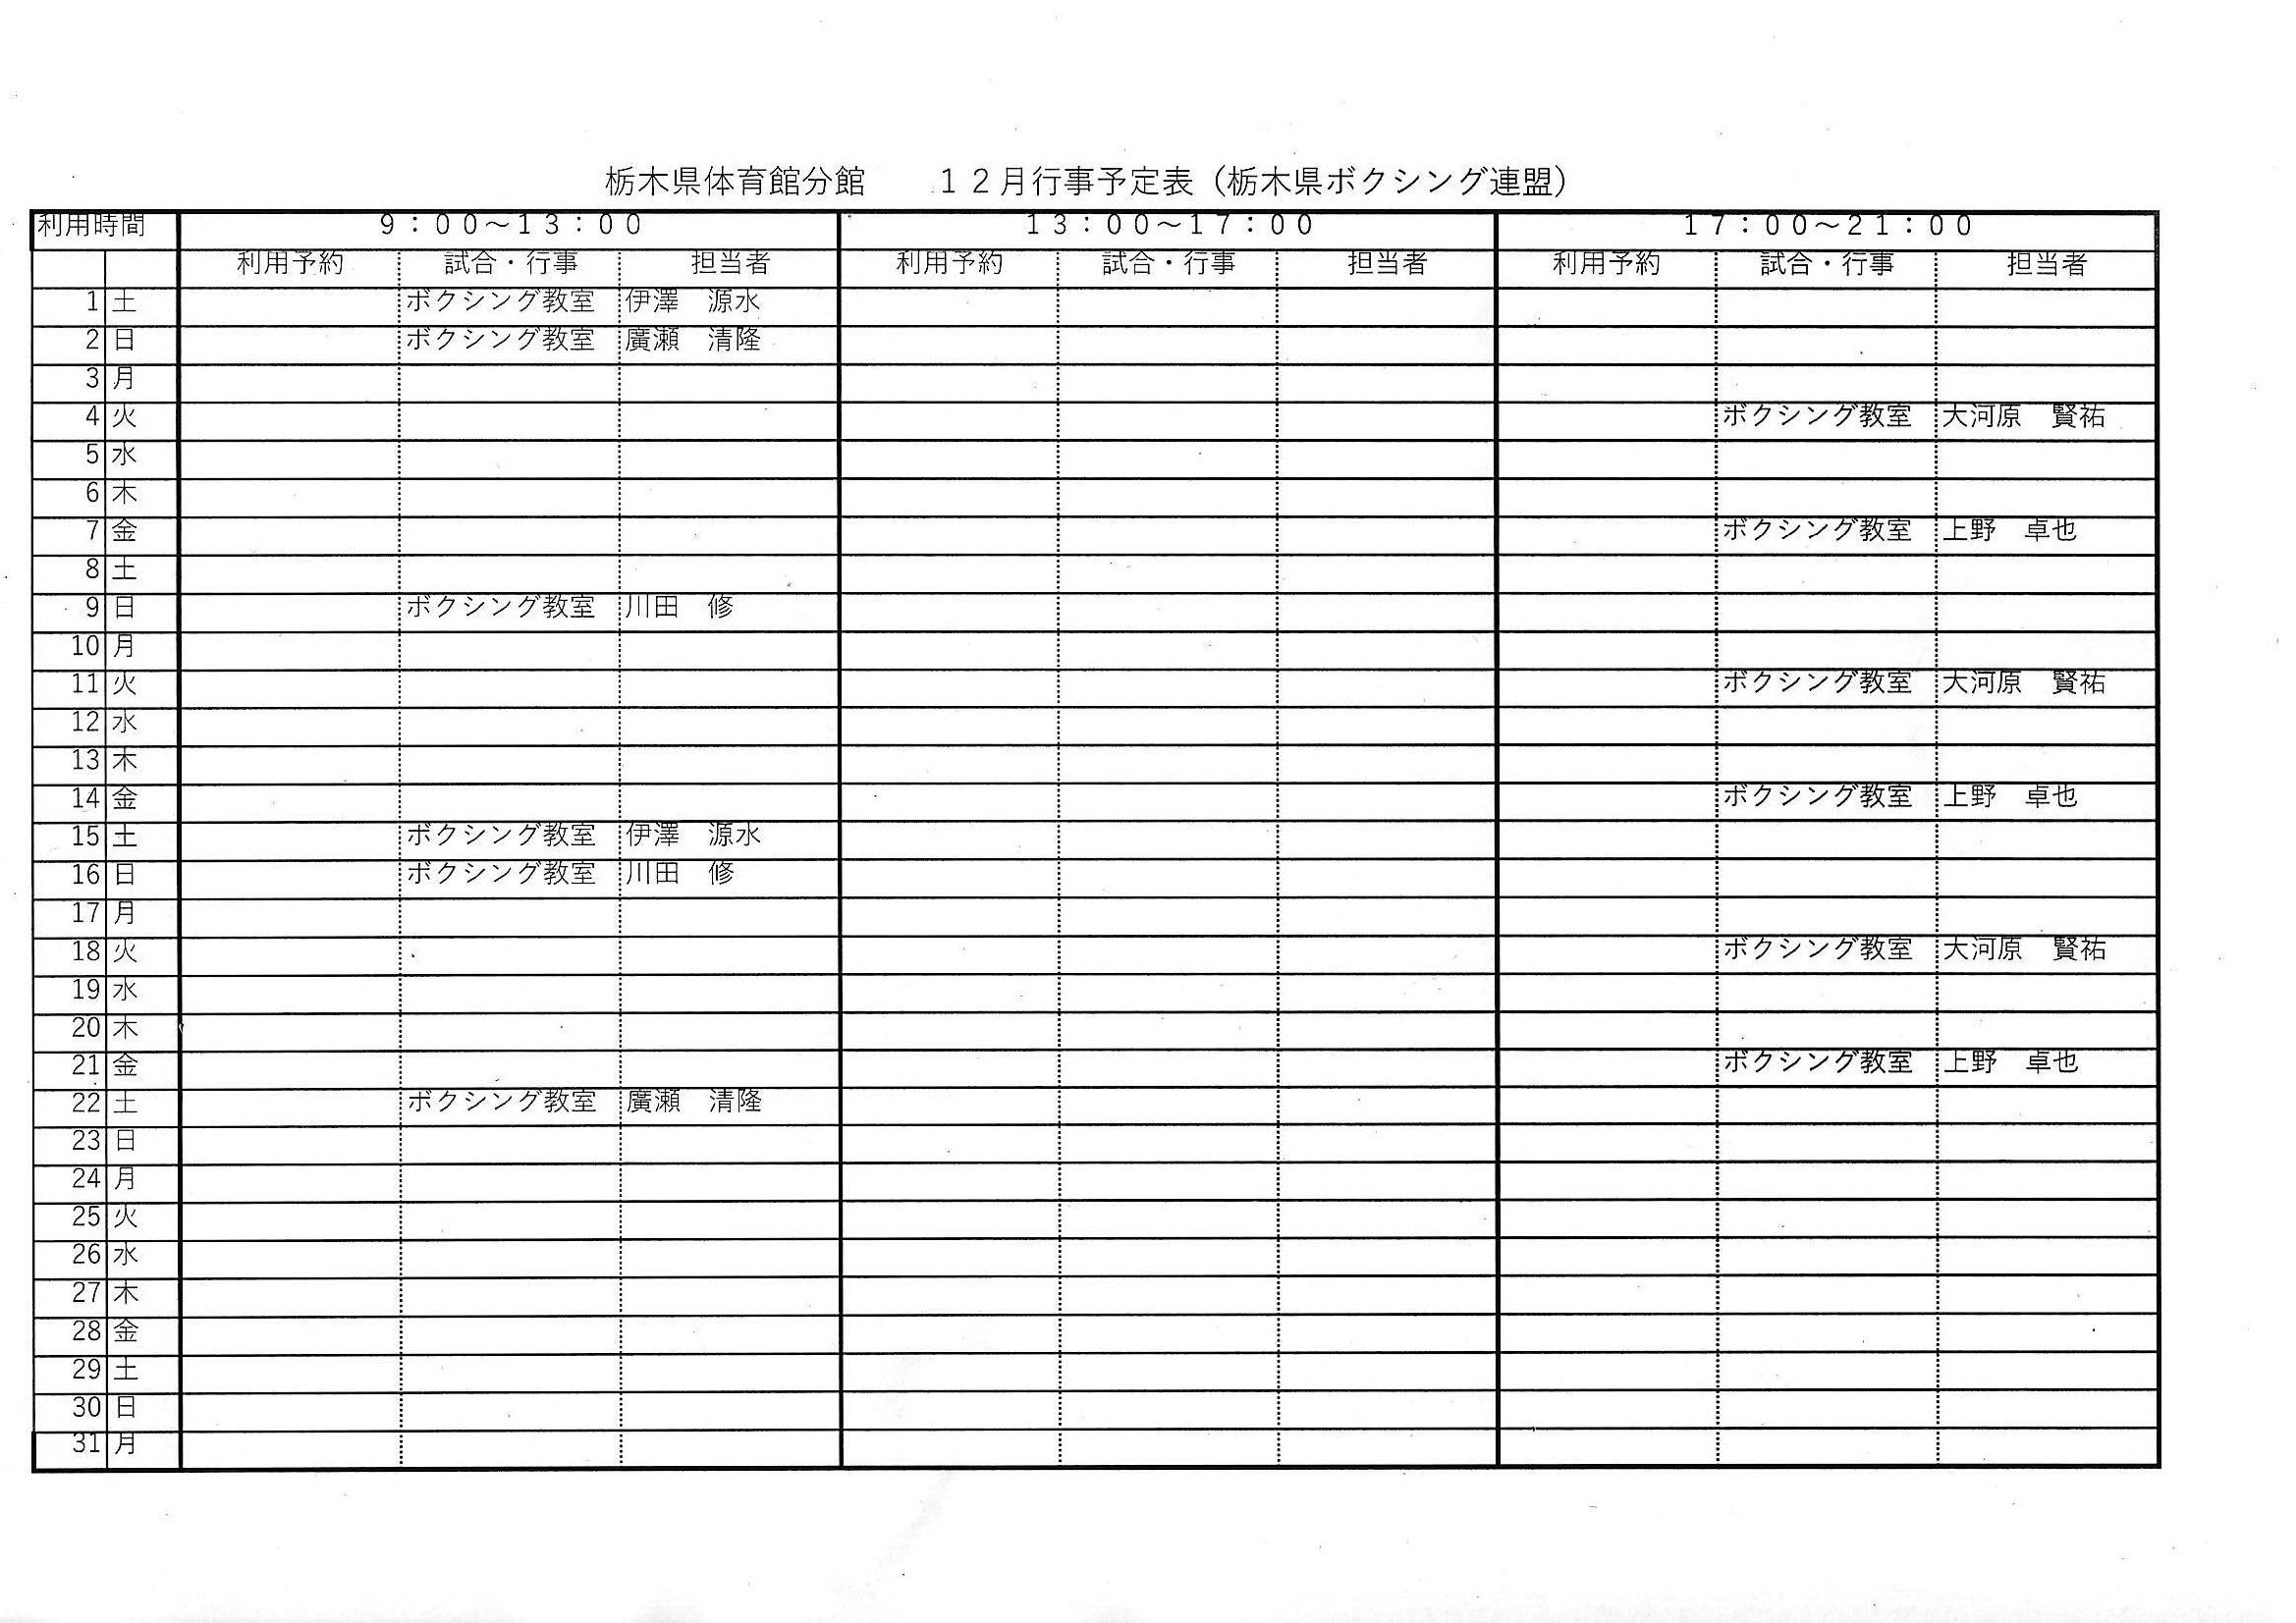 ボクシング教室 12月の予定表